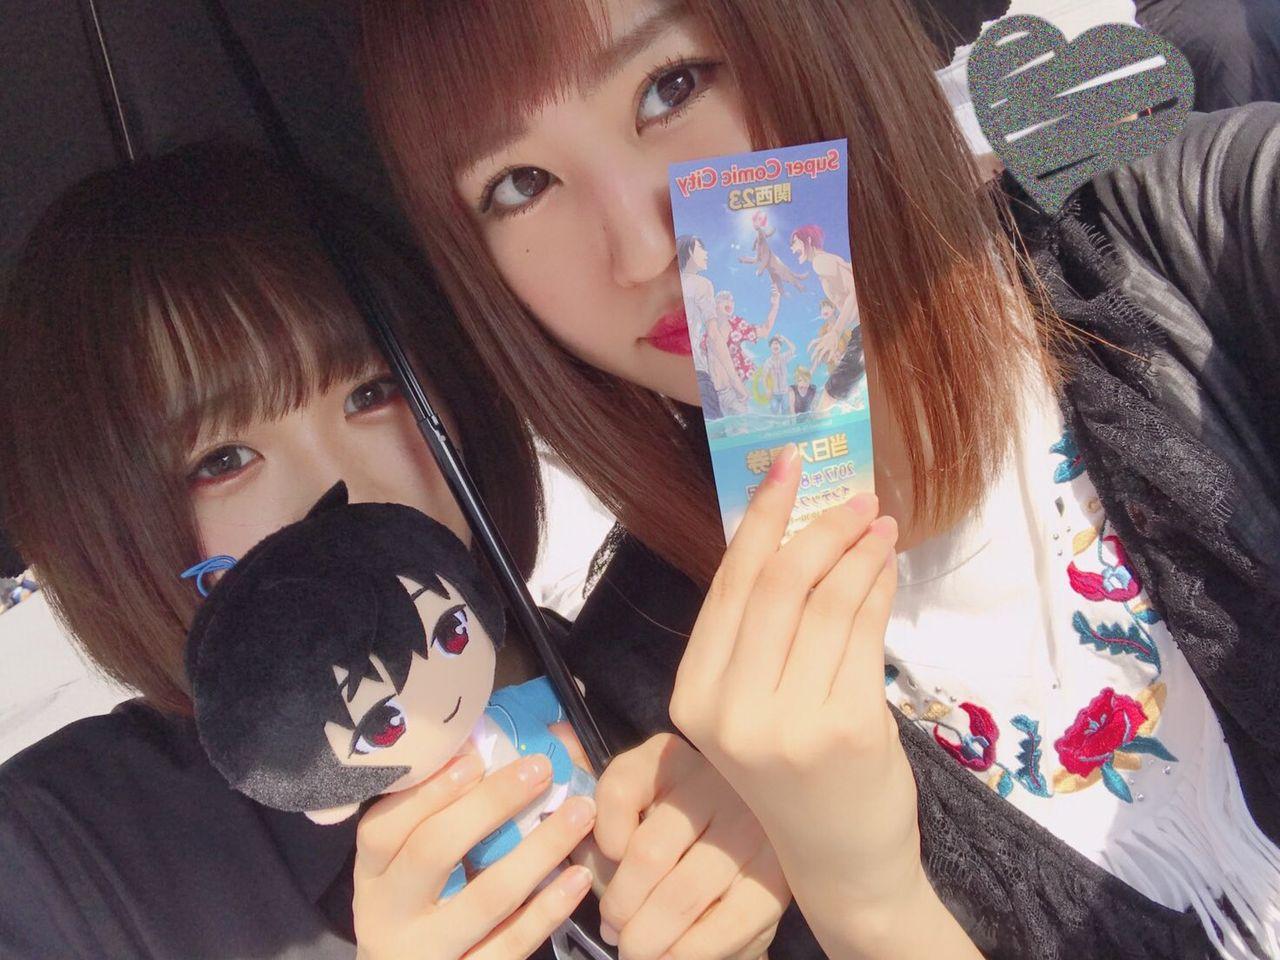 【朗報】NMB48メンバー、コミケへ行く。【古賀成美・三田麻央】